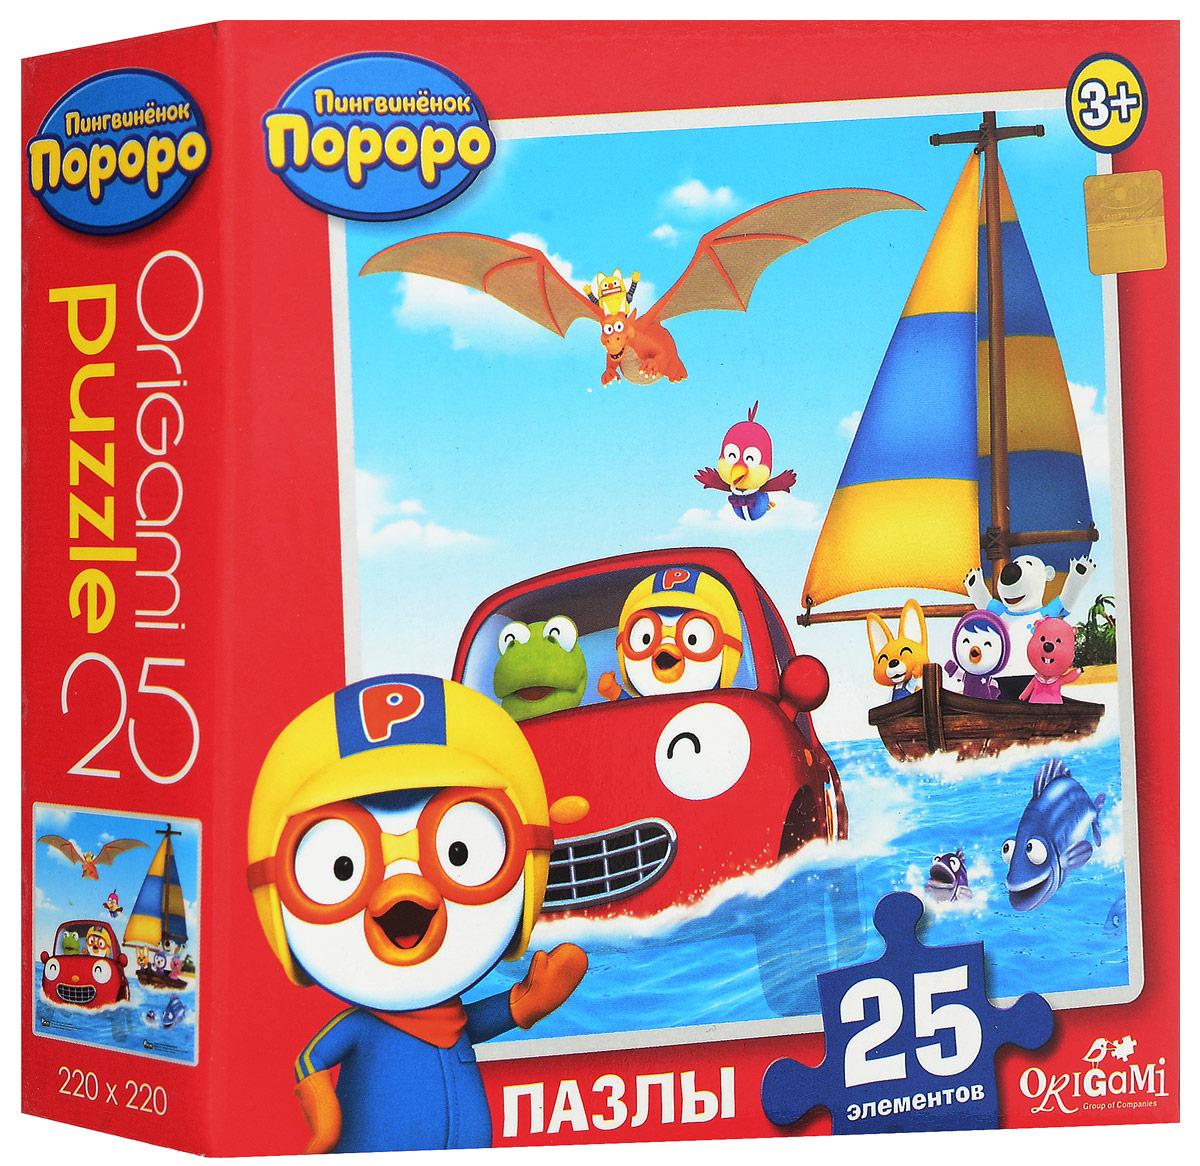 Оригами Пазл для малышей Пингвиненок Пороро 02147_4